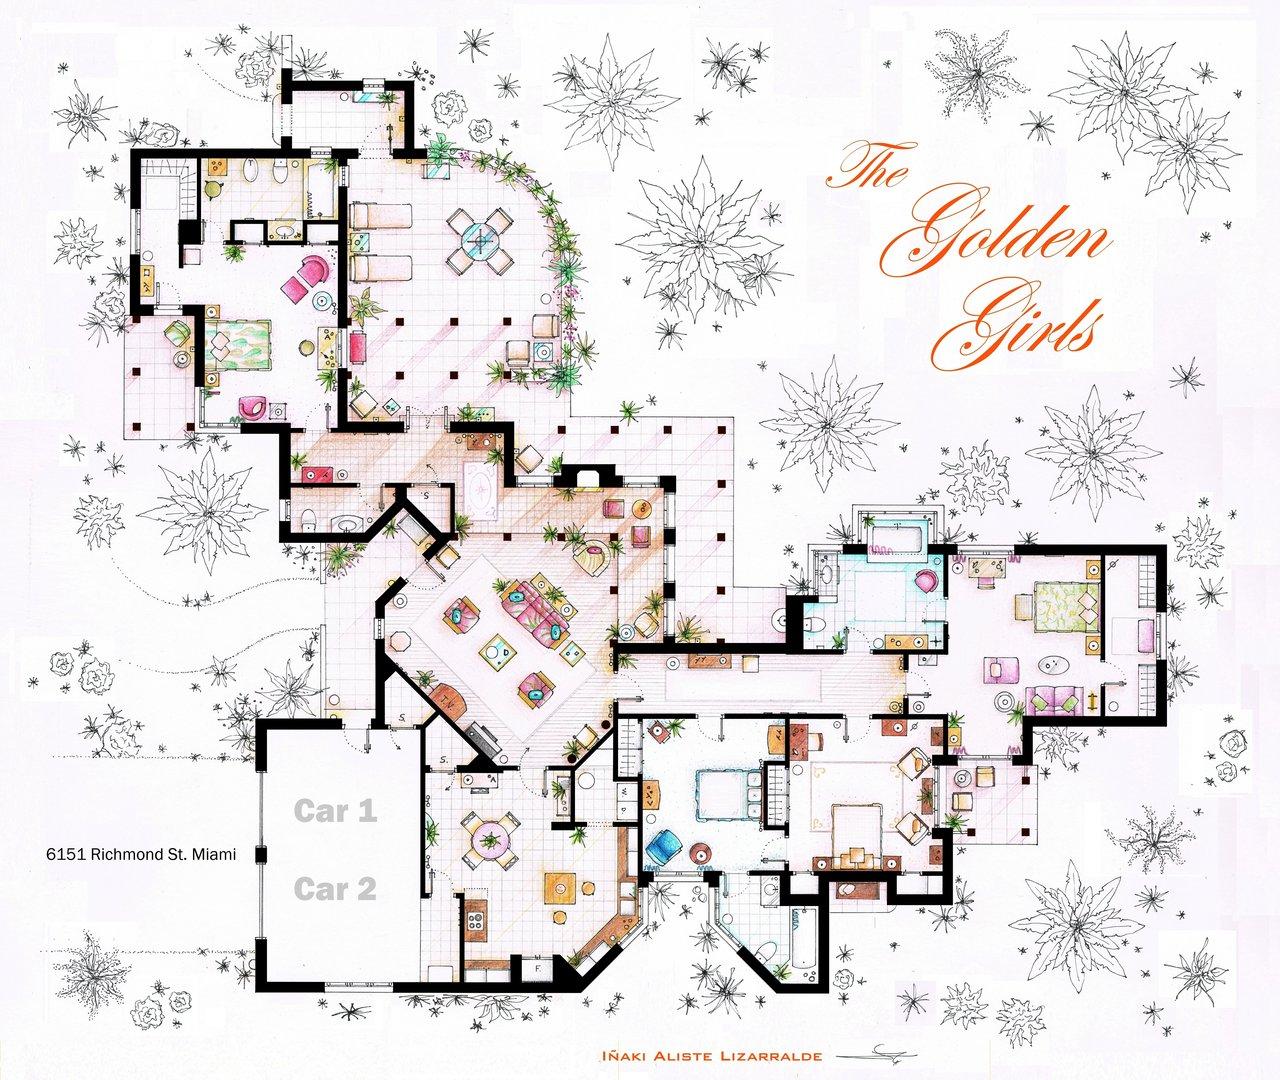 Golden Girls floorplan